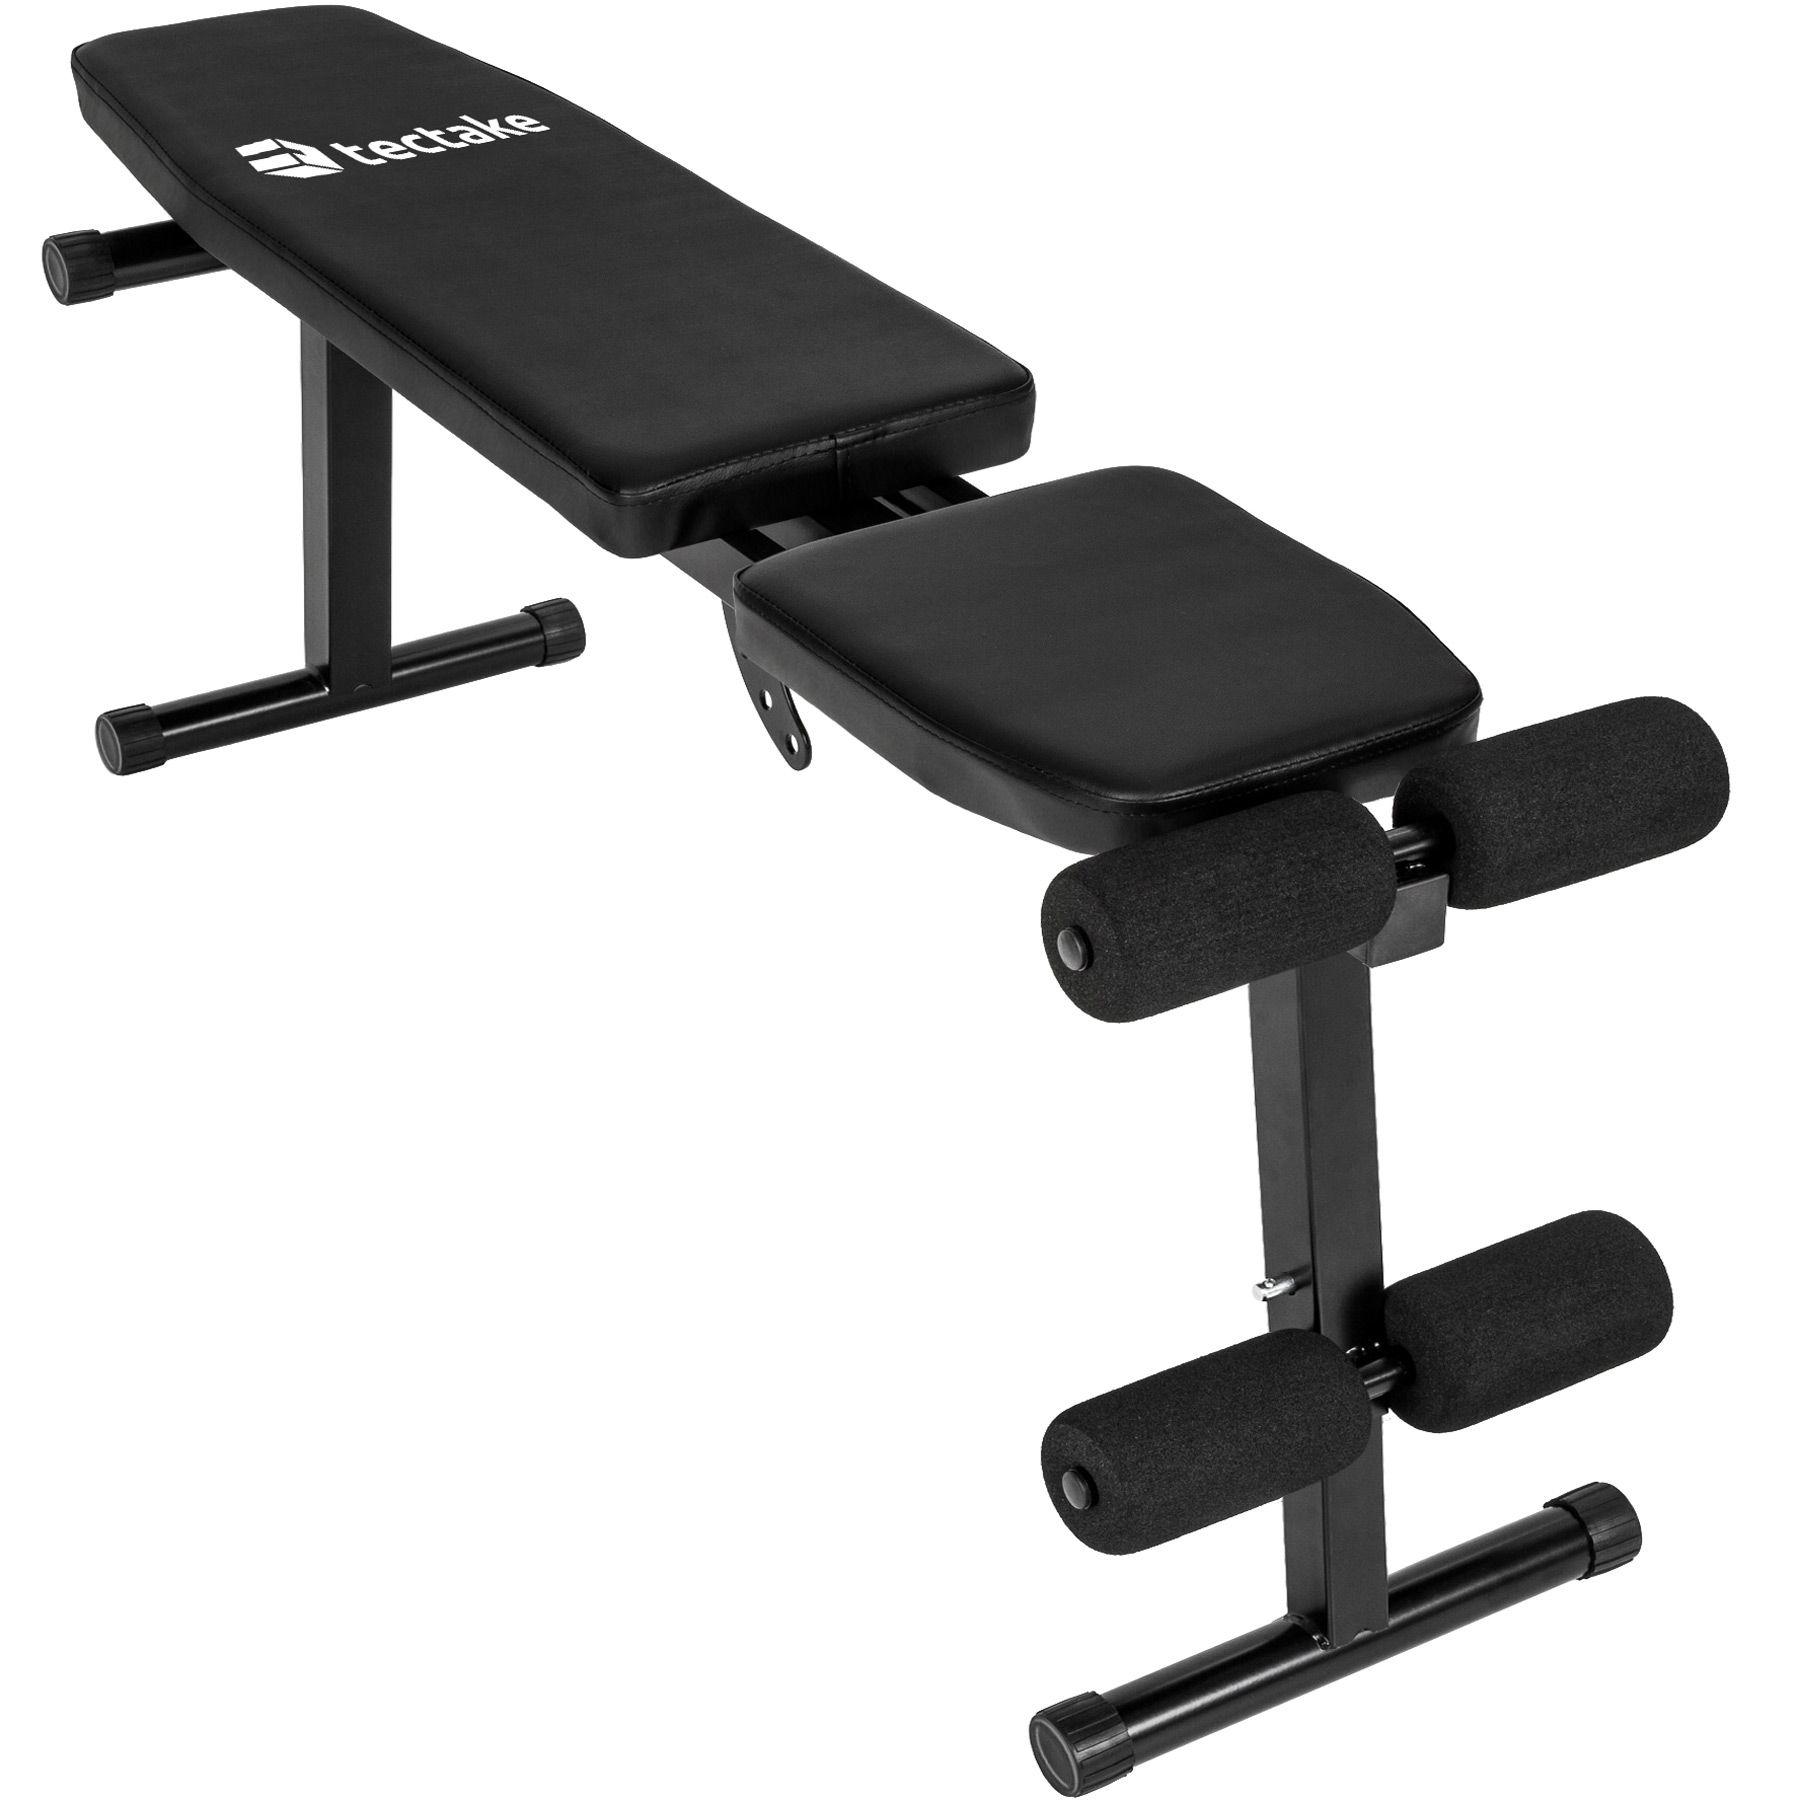 Banc de musculation r glable d 39 exercice plat bench fitness entrainement sportif ebay - Banc de musculation plat ...